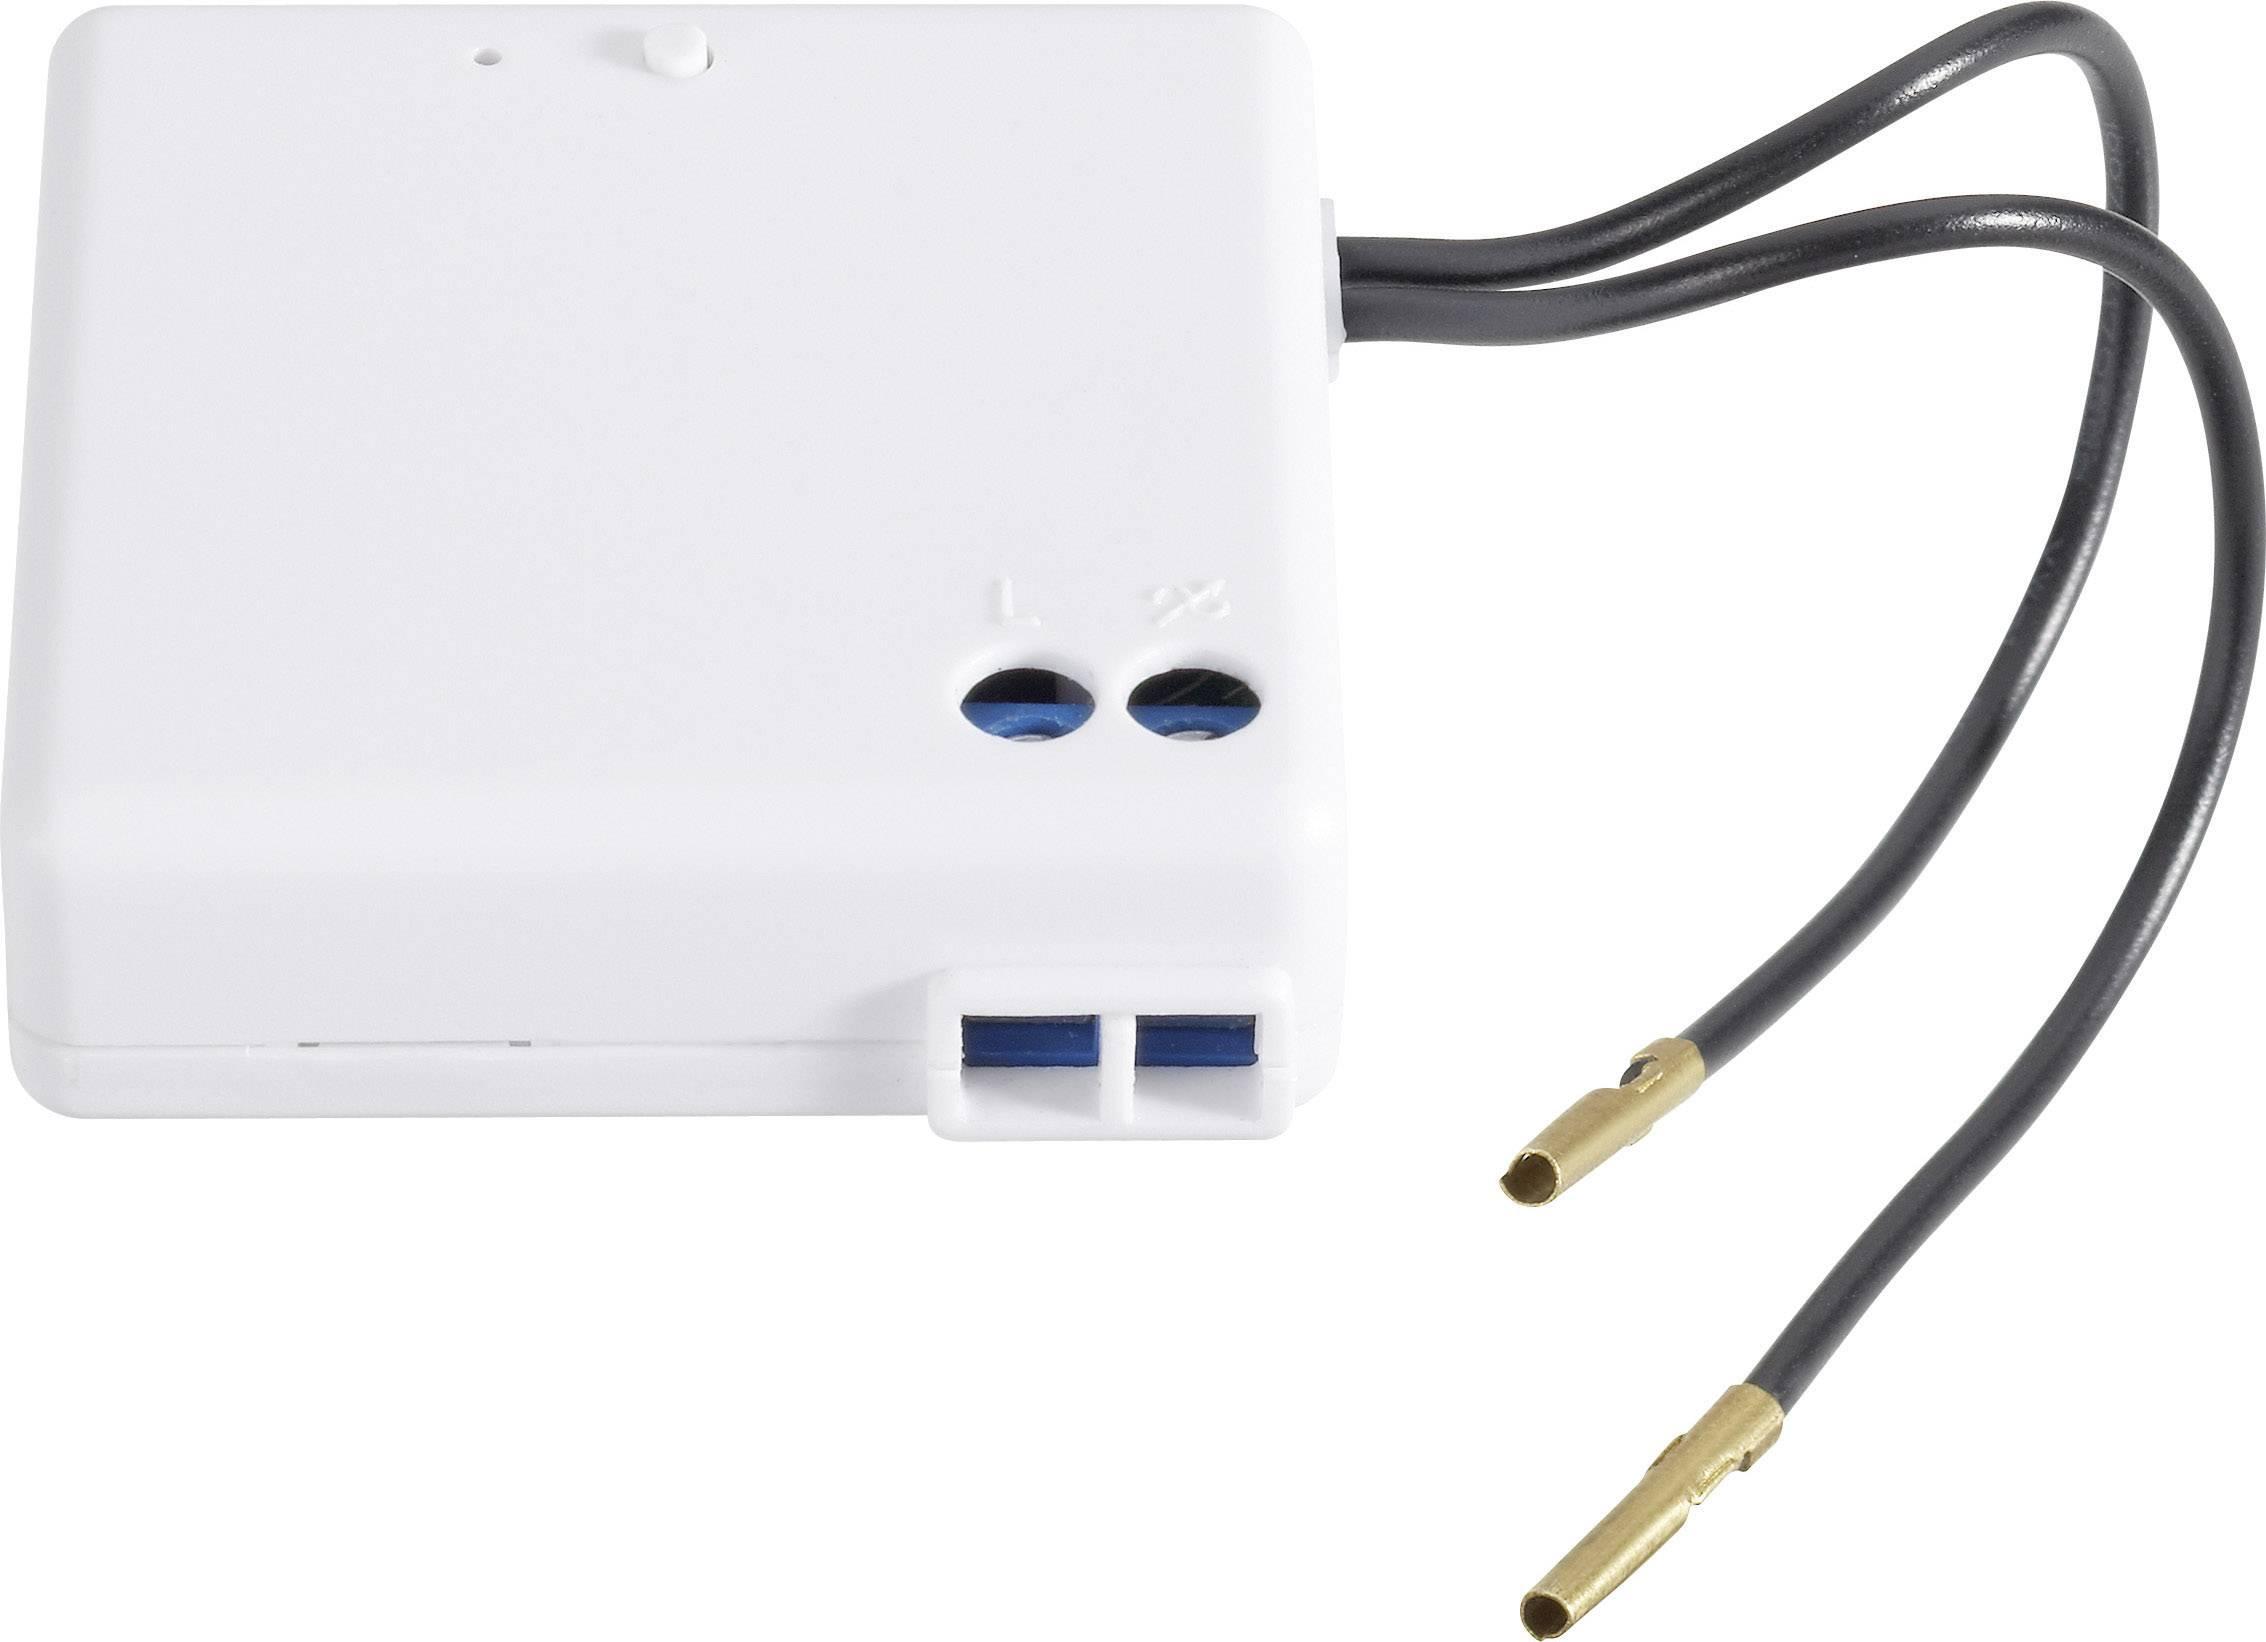 Vstavaný spínač, 2 drôtové pripojenia, Ω. 5 - 300 W, induk. 5 - 100 W